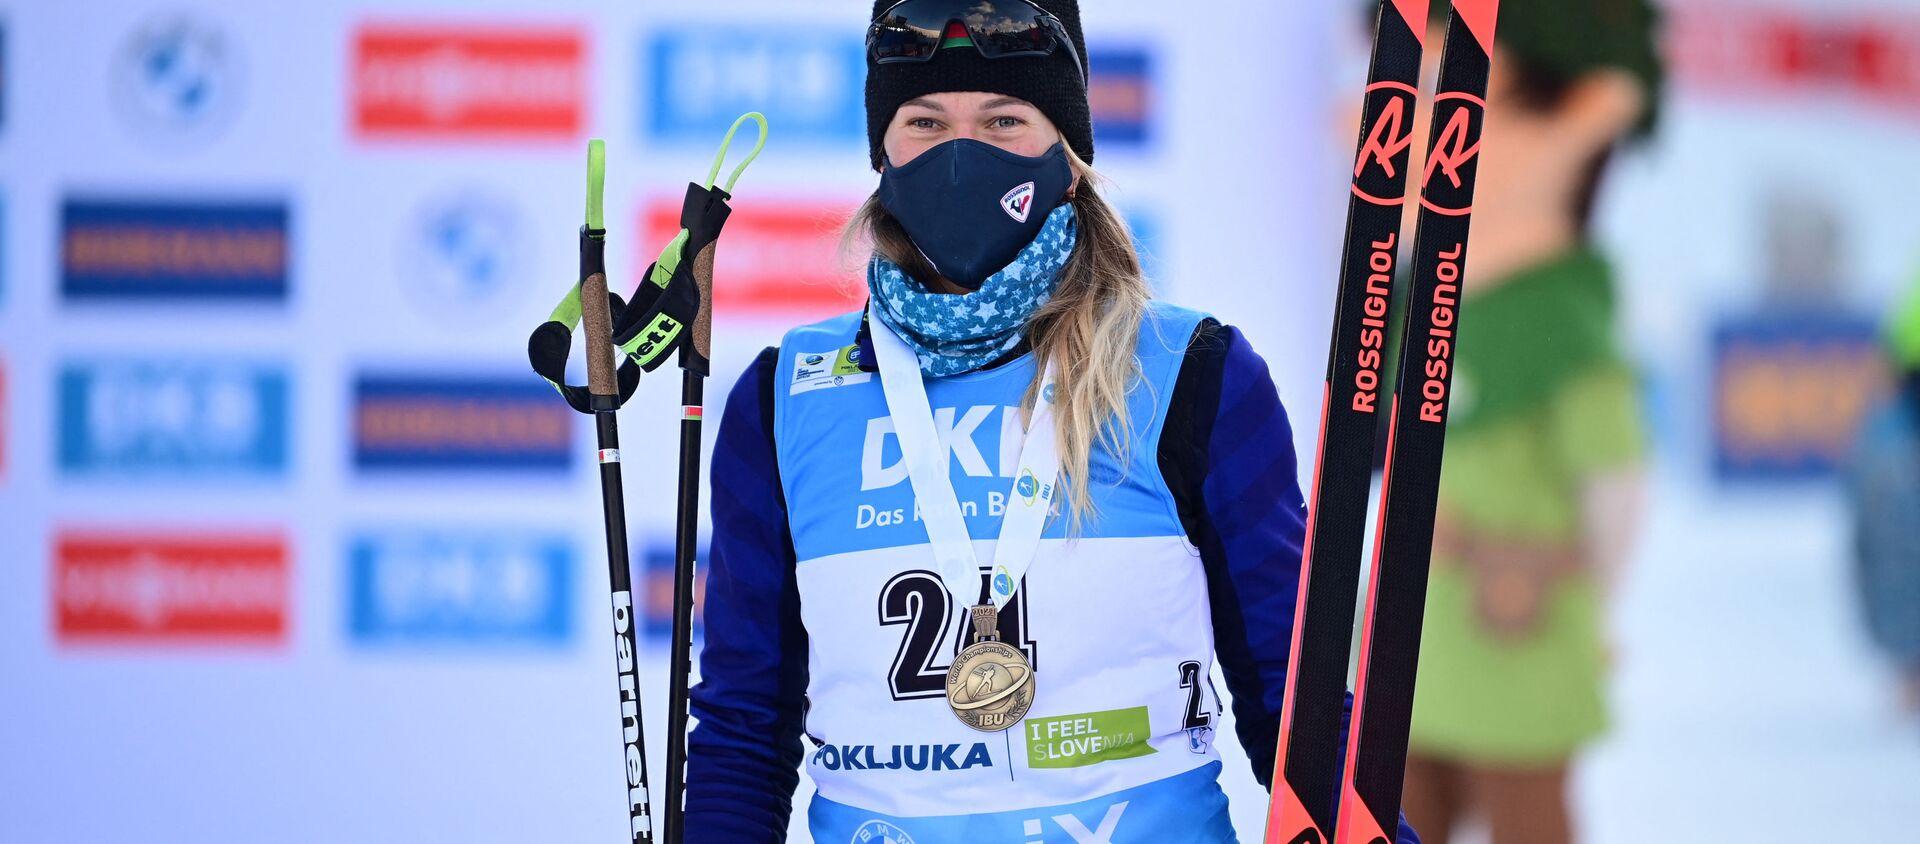 Бронзовый призер этапа ЧМ Анна Сола - Sputnik Беларусь, 1920, 14.02.2021